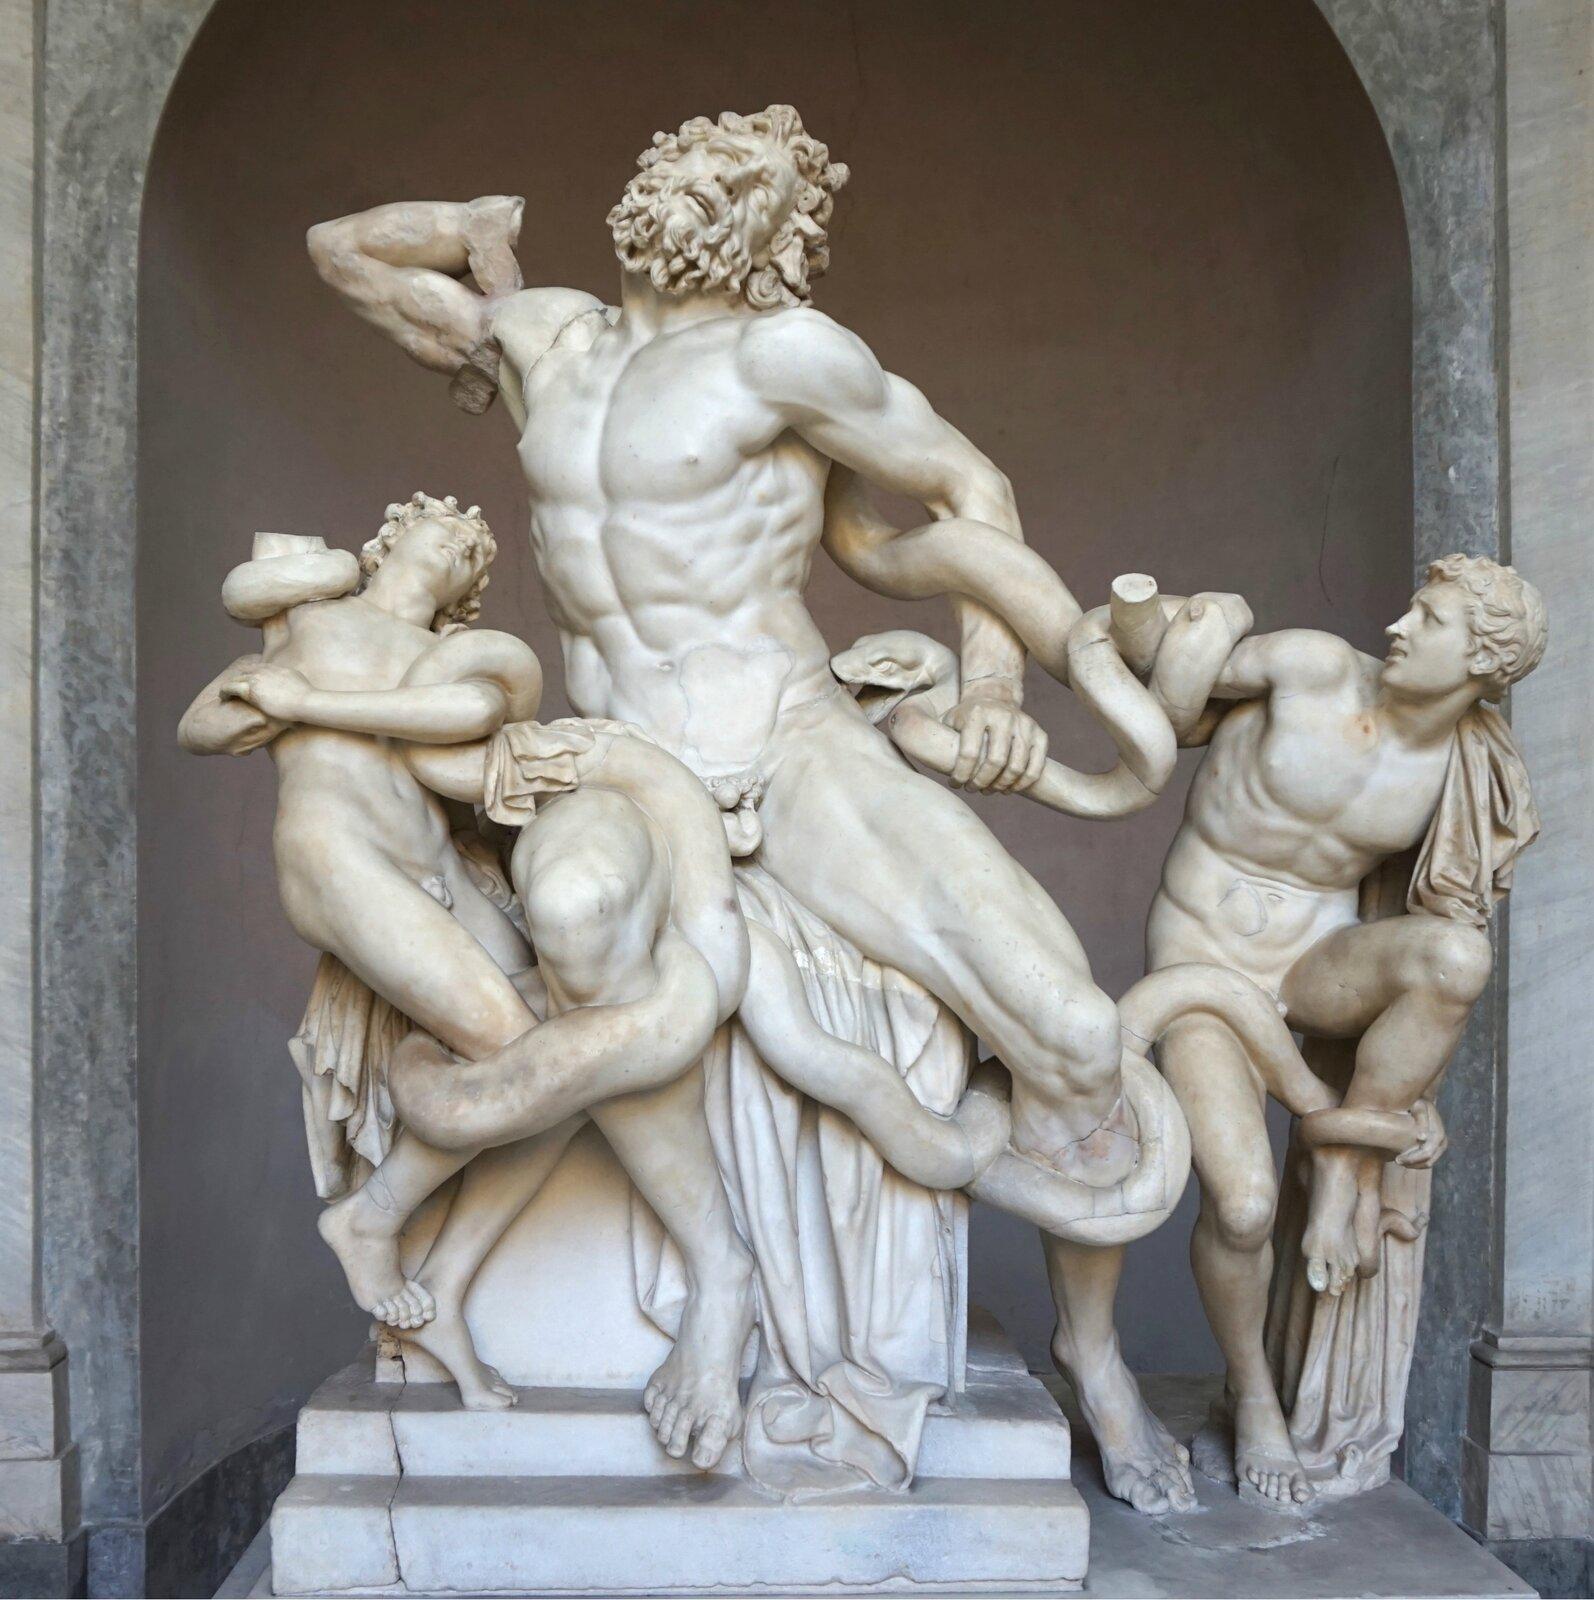 """Ilustracja przedstawia marmurową rzeźbę """"Grupa Laokoona"""" autorstwa Agesandera zRodos. Rzeźba przedstawia siedzącego, nagiego mężczyznę. Po jego obu bokach są postacie nagich młodzieńców, których oplatają węże. Środkowa postać to """"Lakoon"""". Rzeźba ukazuje bardzo realistycznie jego umięśnione ciało. Walczy zwężami trzymając jednego wlewej ręce. Drugą rękę ma podniesioną na wysokości szyi izgiętą włokciu. Prawa ręka jest bez dłoni. Po twarzy widać zmęczenie walką. Postać ma falowane włosy ibrodę. Po lewej stronie stoi młody chłopak zwrócony twarzą wstronę mężczyzny zbrodą. Postać ta stoi na prawej nodze, alewa jest uniesiona do góry. Nie ma prawej dłoni. Postać po prawej stronie mężczyzny to młody chłopak, który wygląda jakby się przewracał do tyłu. Lewą rękę zgina włokciu. Trzyma ją na wysokości klatki piersiowej, adłonią trzyma głowę węża. Nie ma prawej ręki, ajej kikut uniesiony do góry oplata ogon węża."""